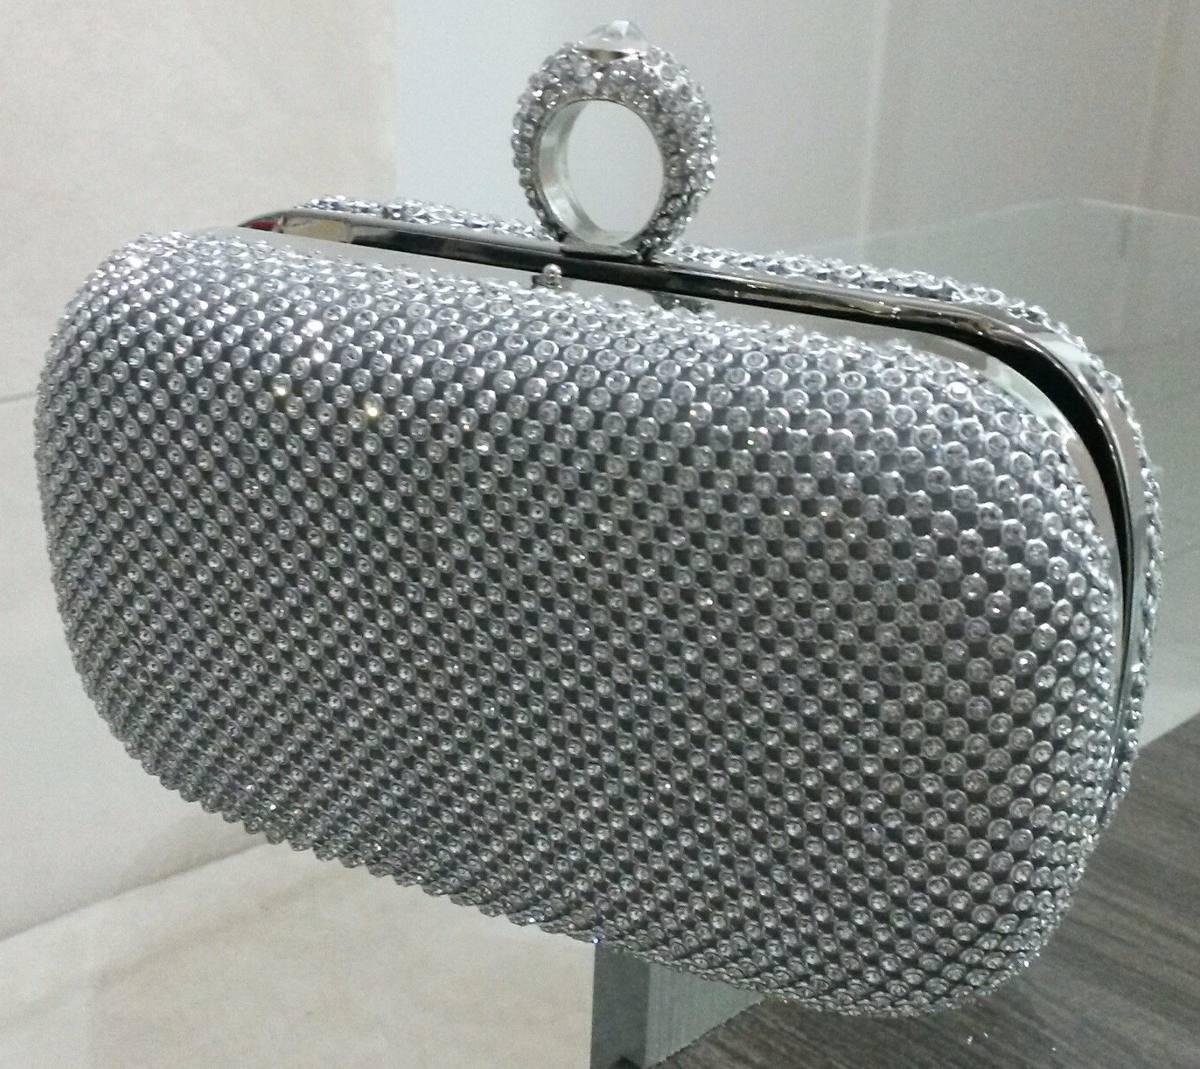 Bolsa De Festa Sp : Bolsa clutch prata strass festa casamento carteira